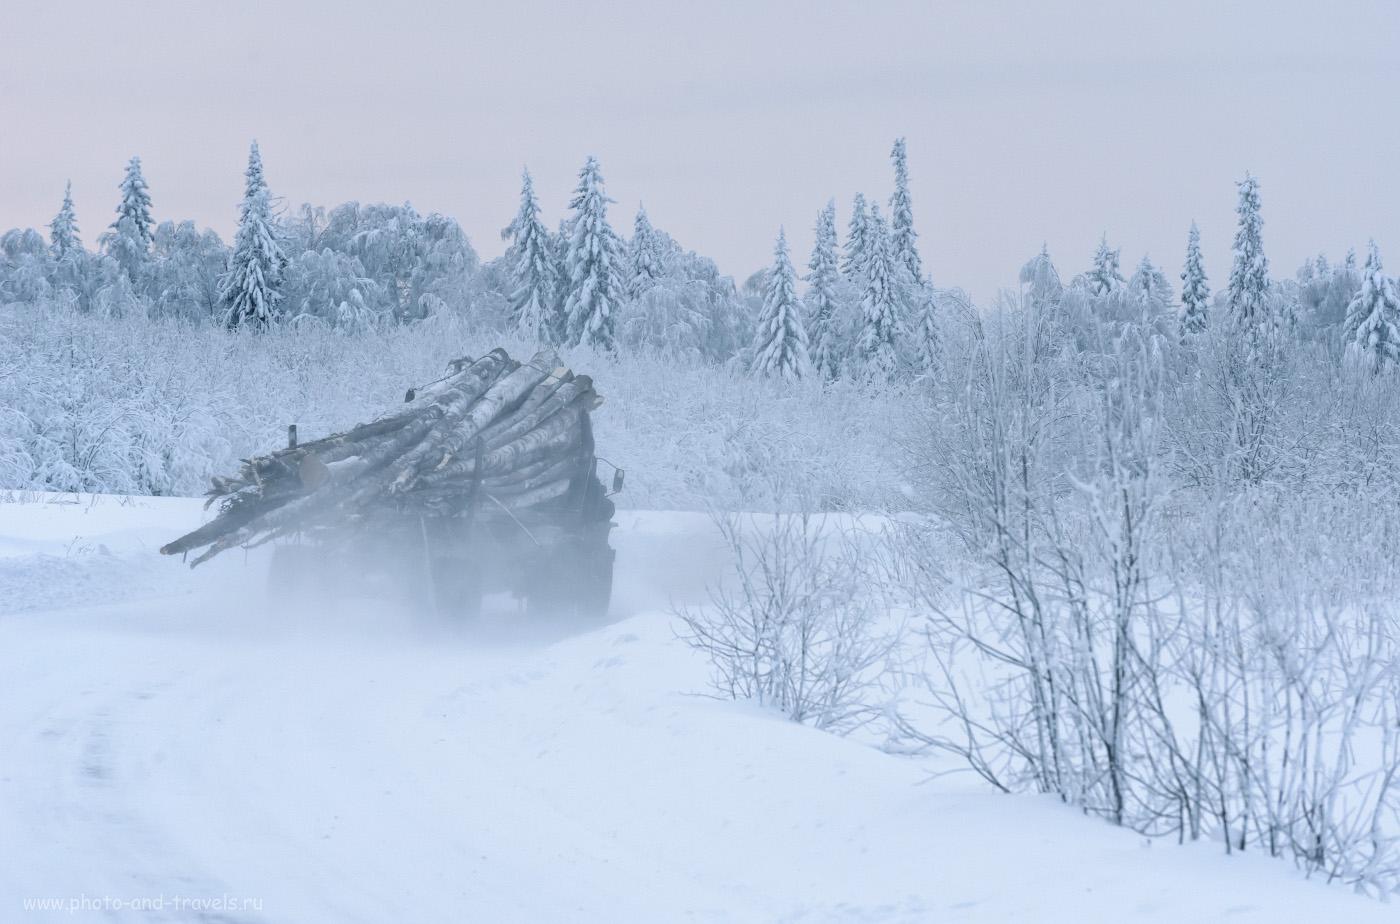 Фото 3. Лесовоз в уральской тайге. Добираемся в село Кын-Завод. 1/400, 8.0, 1600, +0.67, 200.